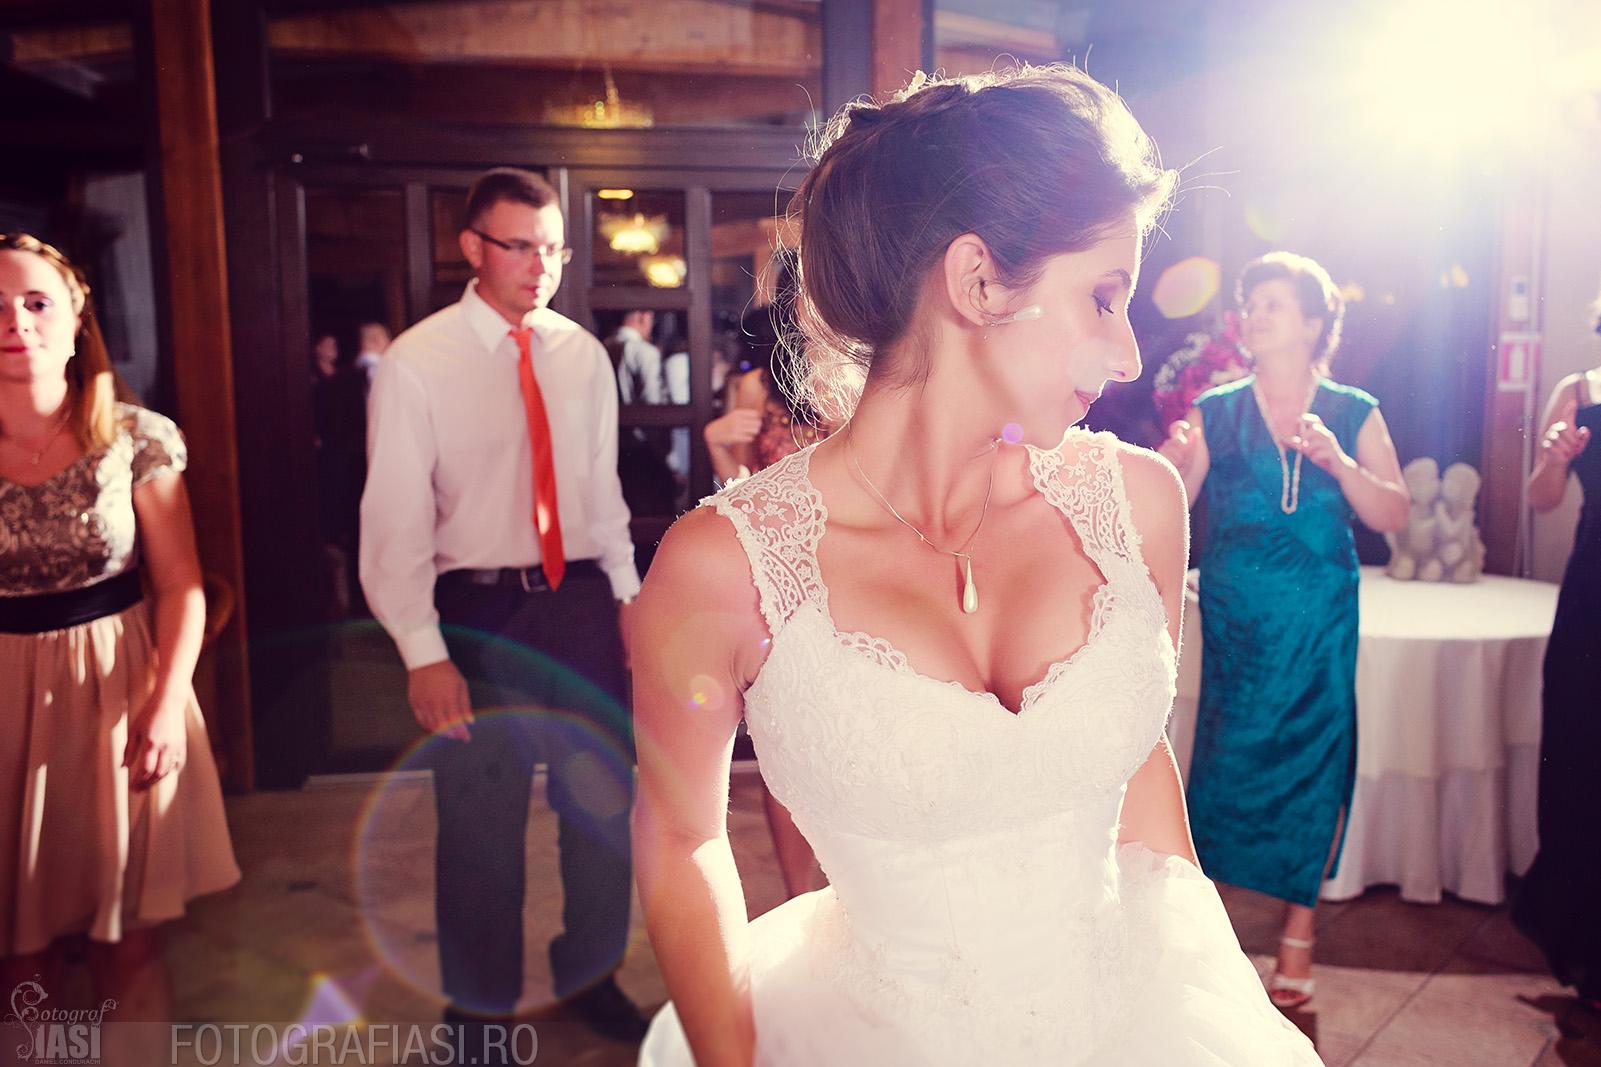 fotografie de nunta realizata folosind multiple surse de lumina